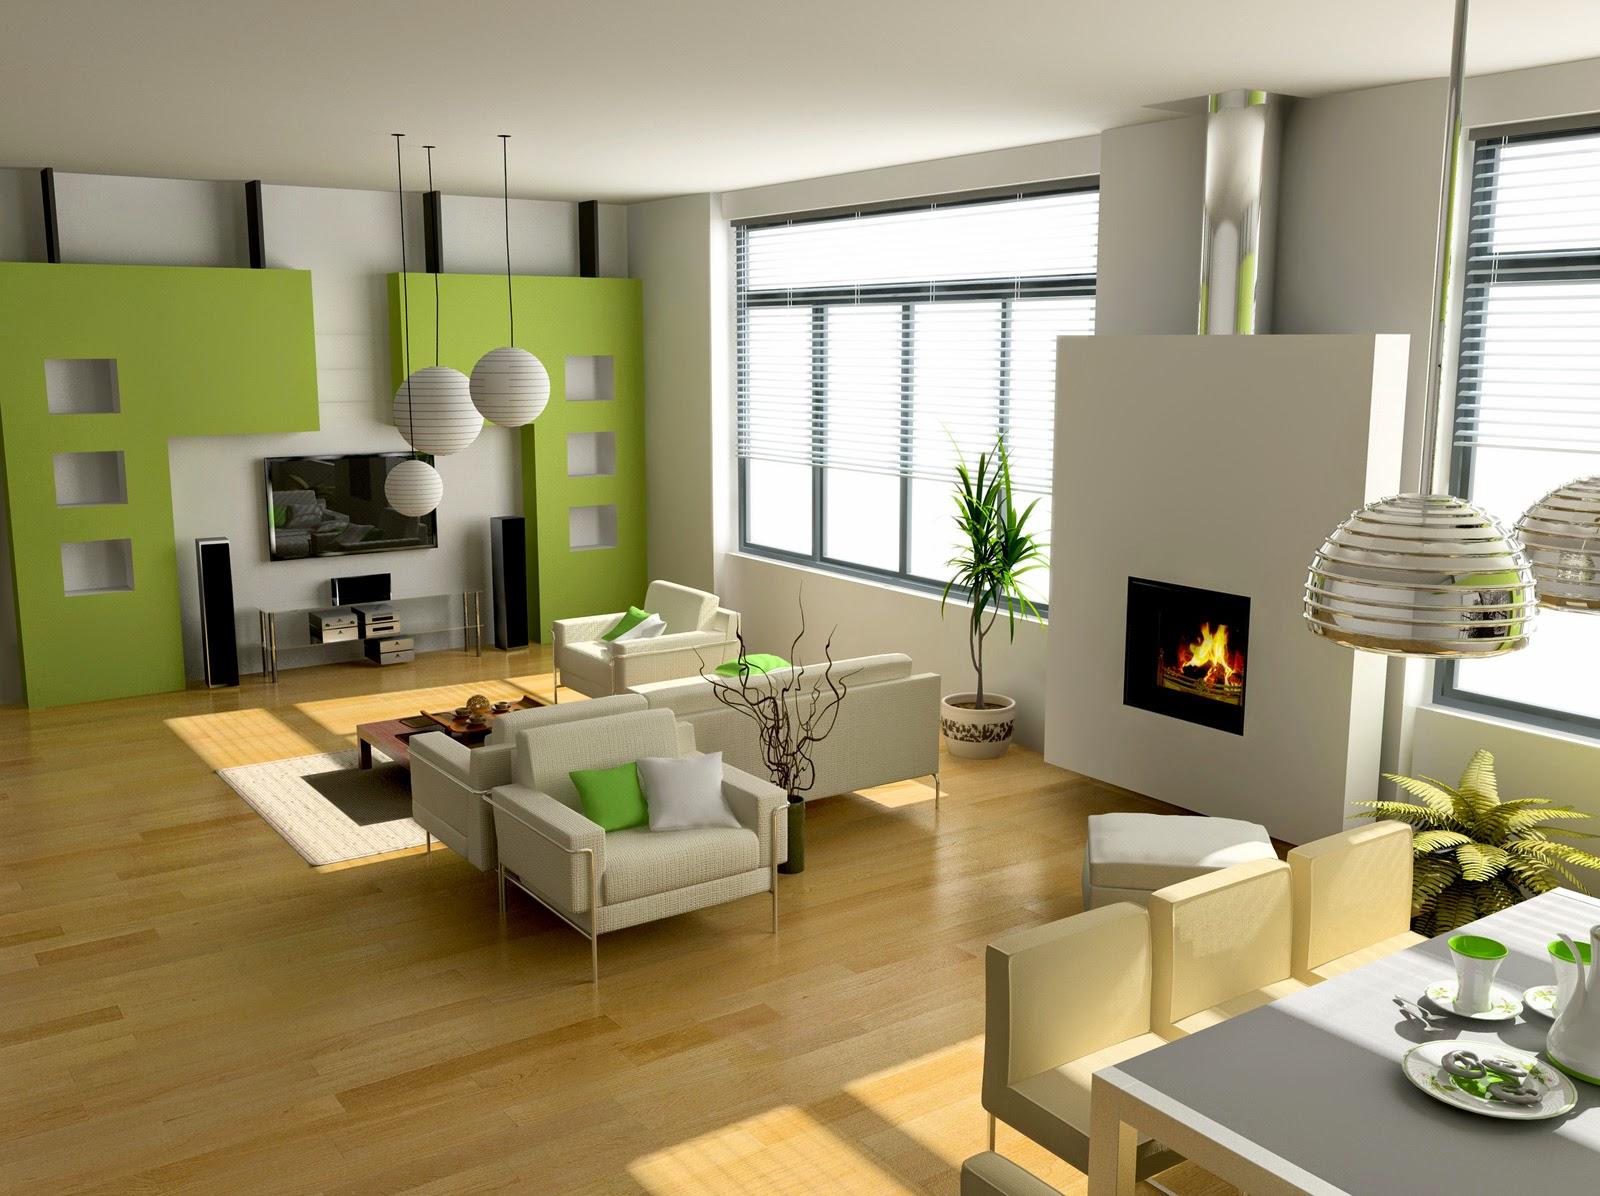 innovative living room fireplace design ideas | Home Interior Design: How To Design A Modern Living Room ...